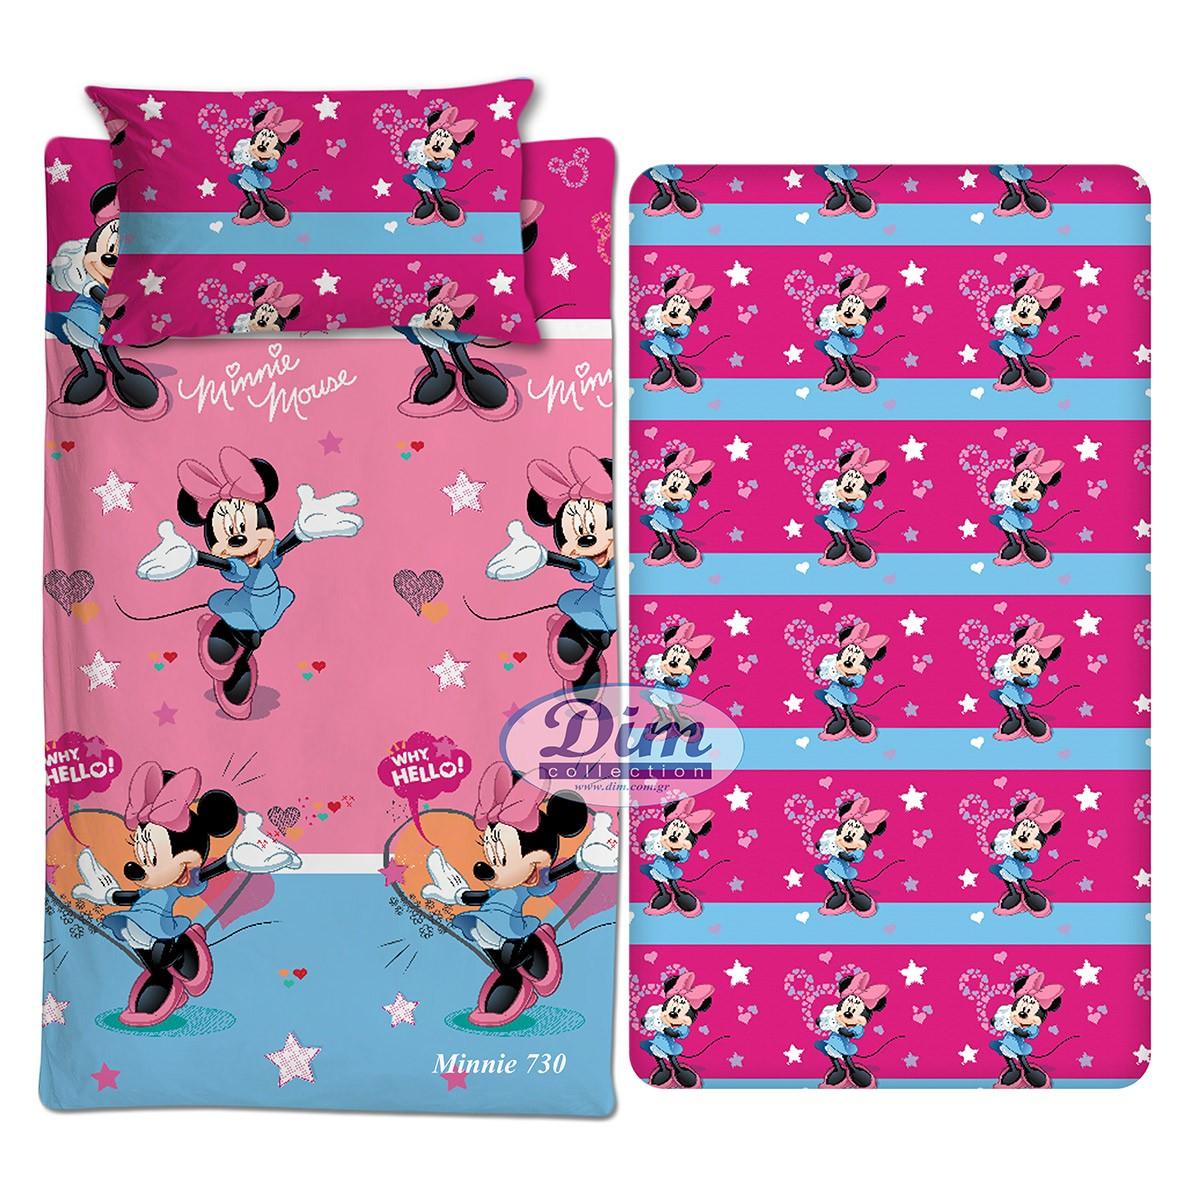 Σεντόνια Μονά (Σετ) Dim Collection Minnie 730